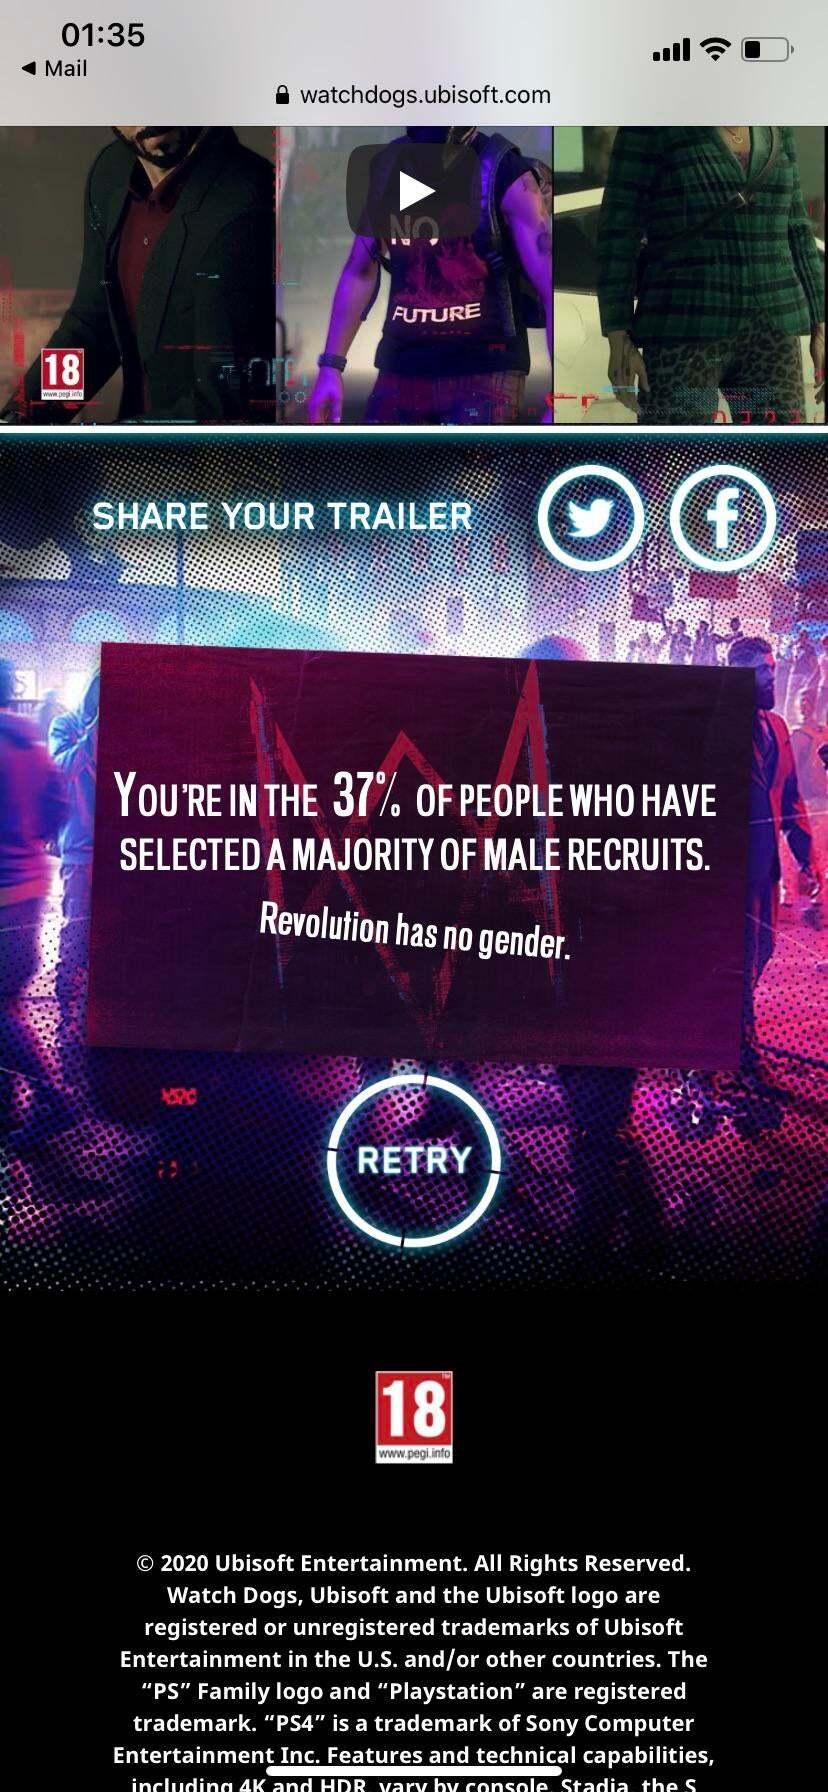 Создатель компьютерной игры Watch Dogs пристыдил пользователей за выбор мужских персонажей